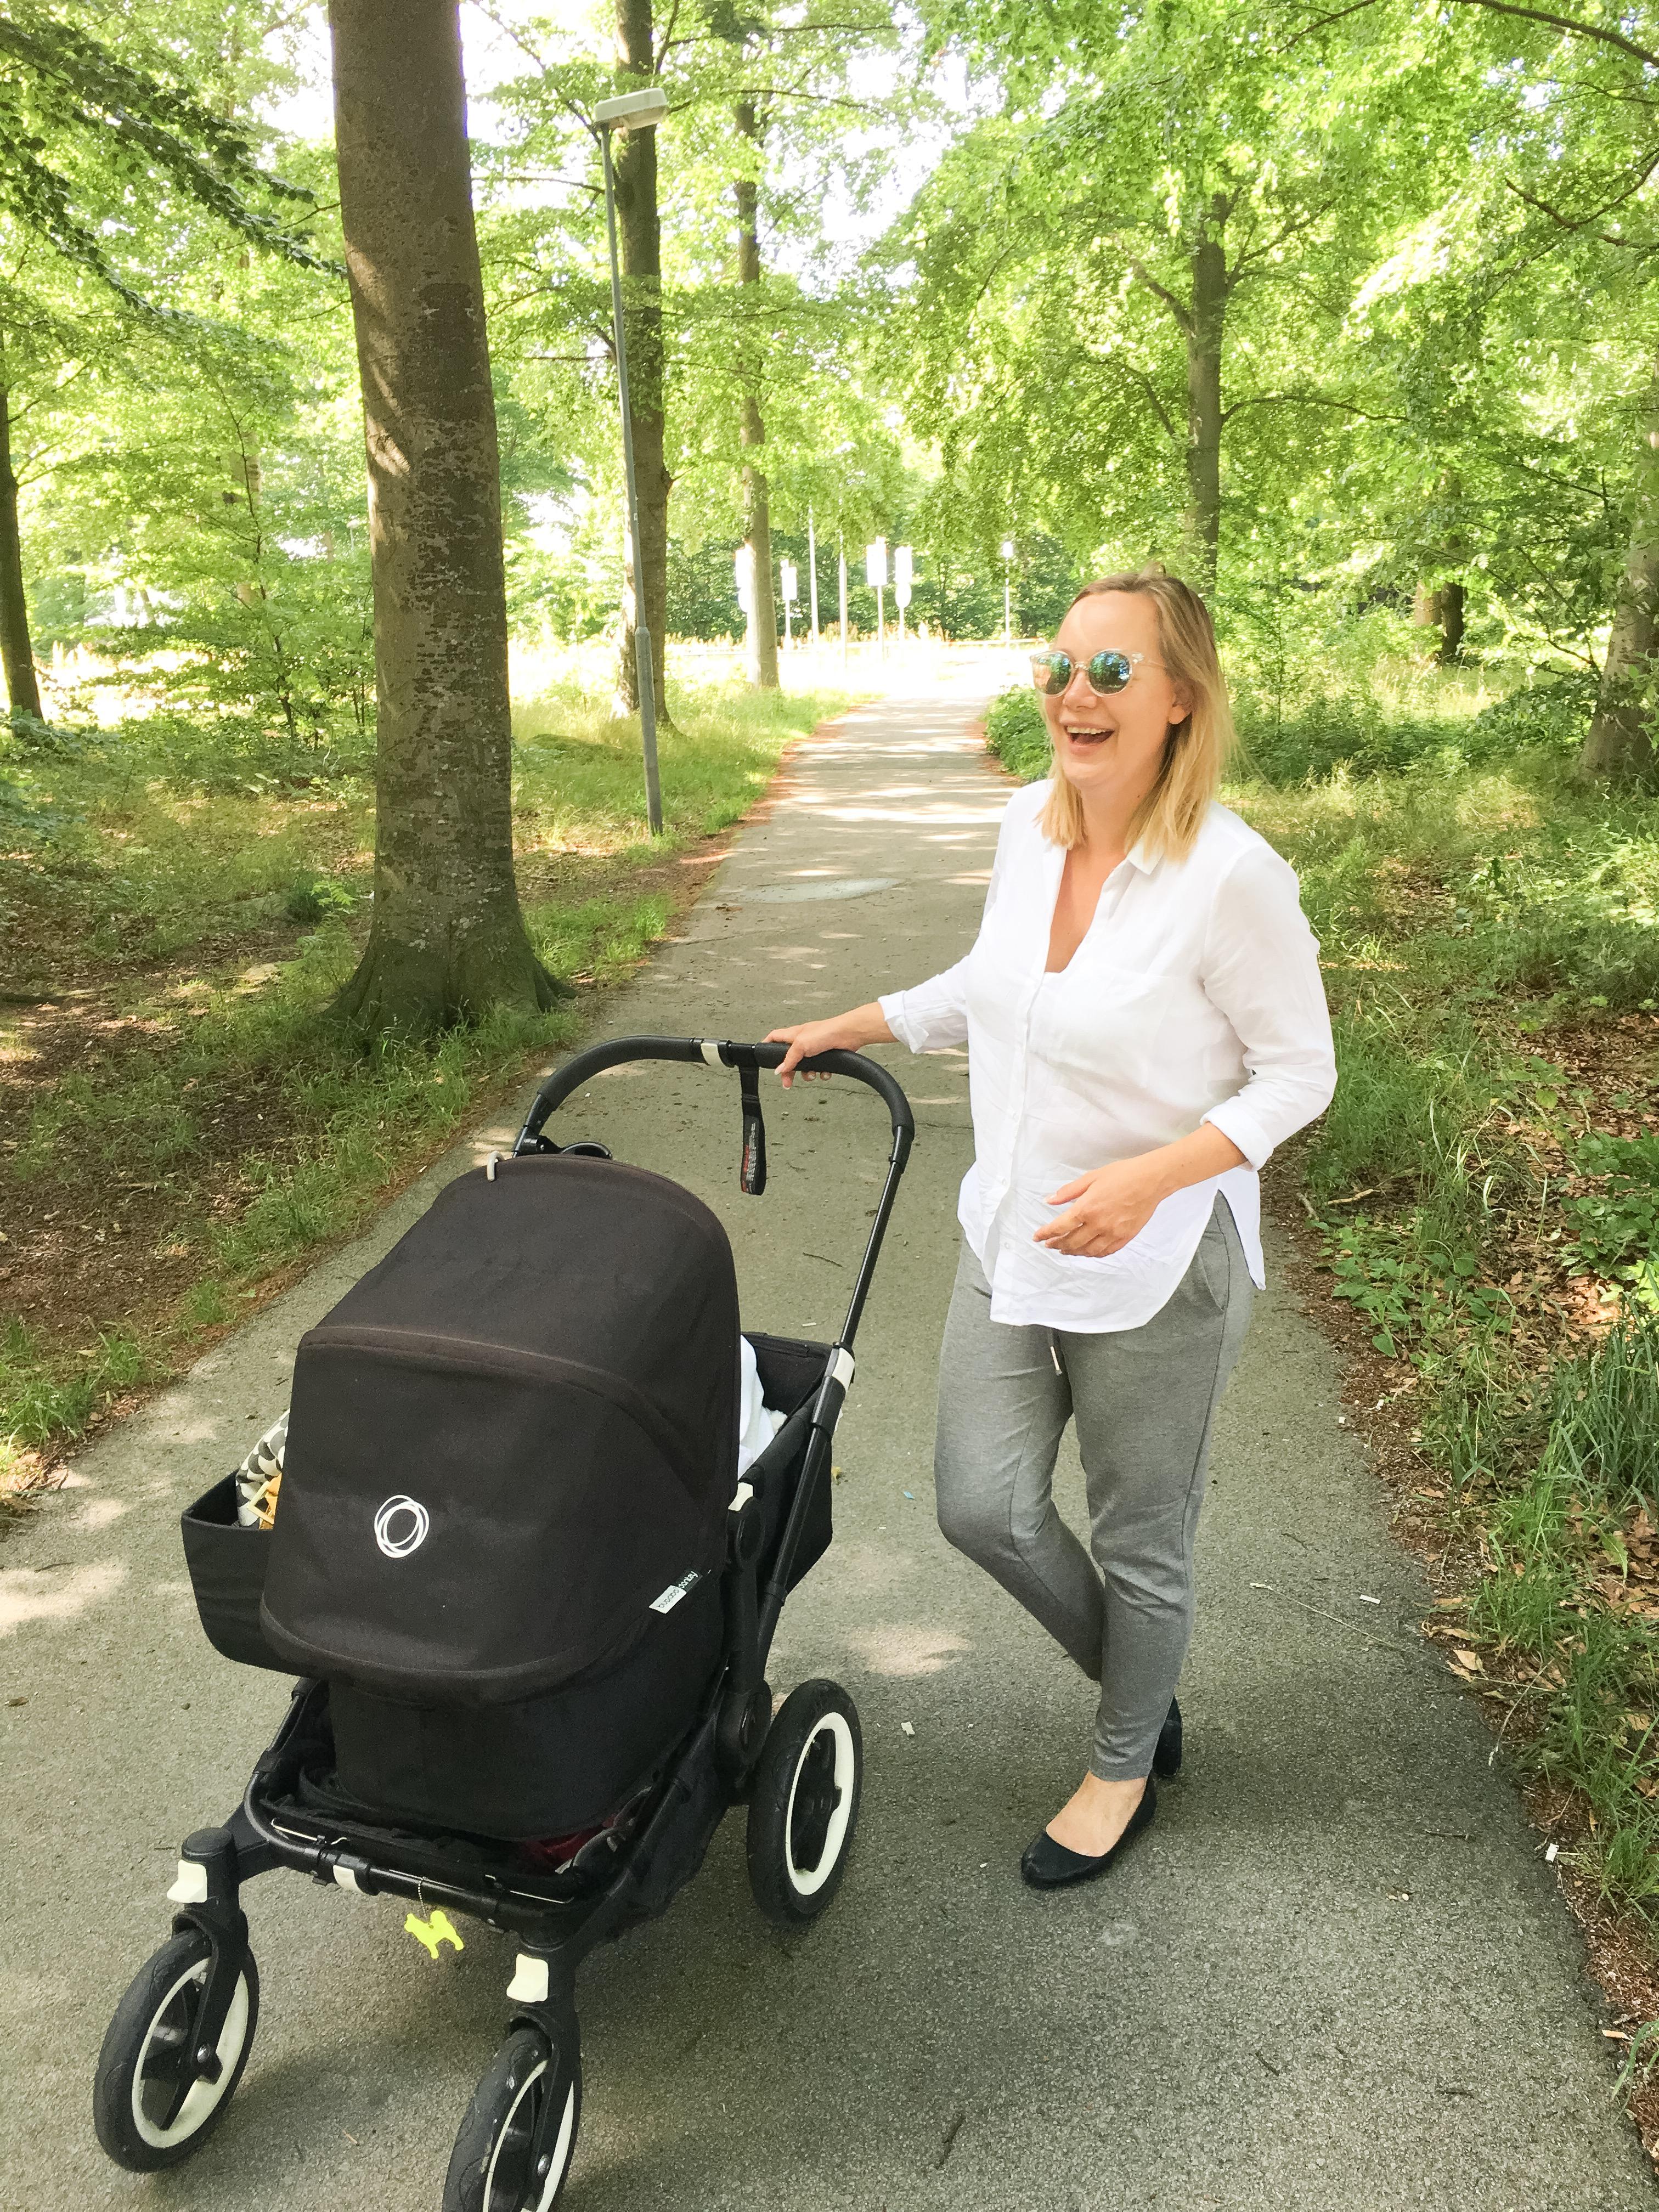 Att njuta av en vanlig promenad